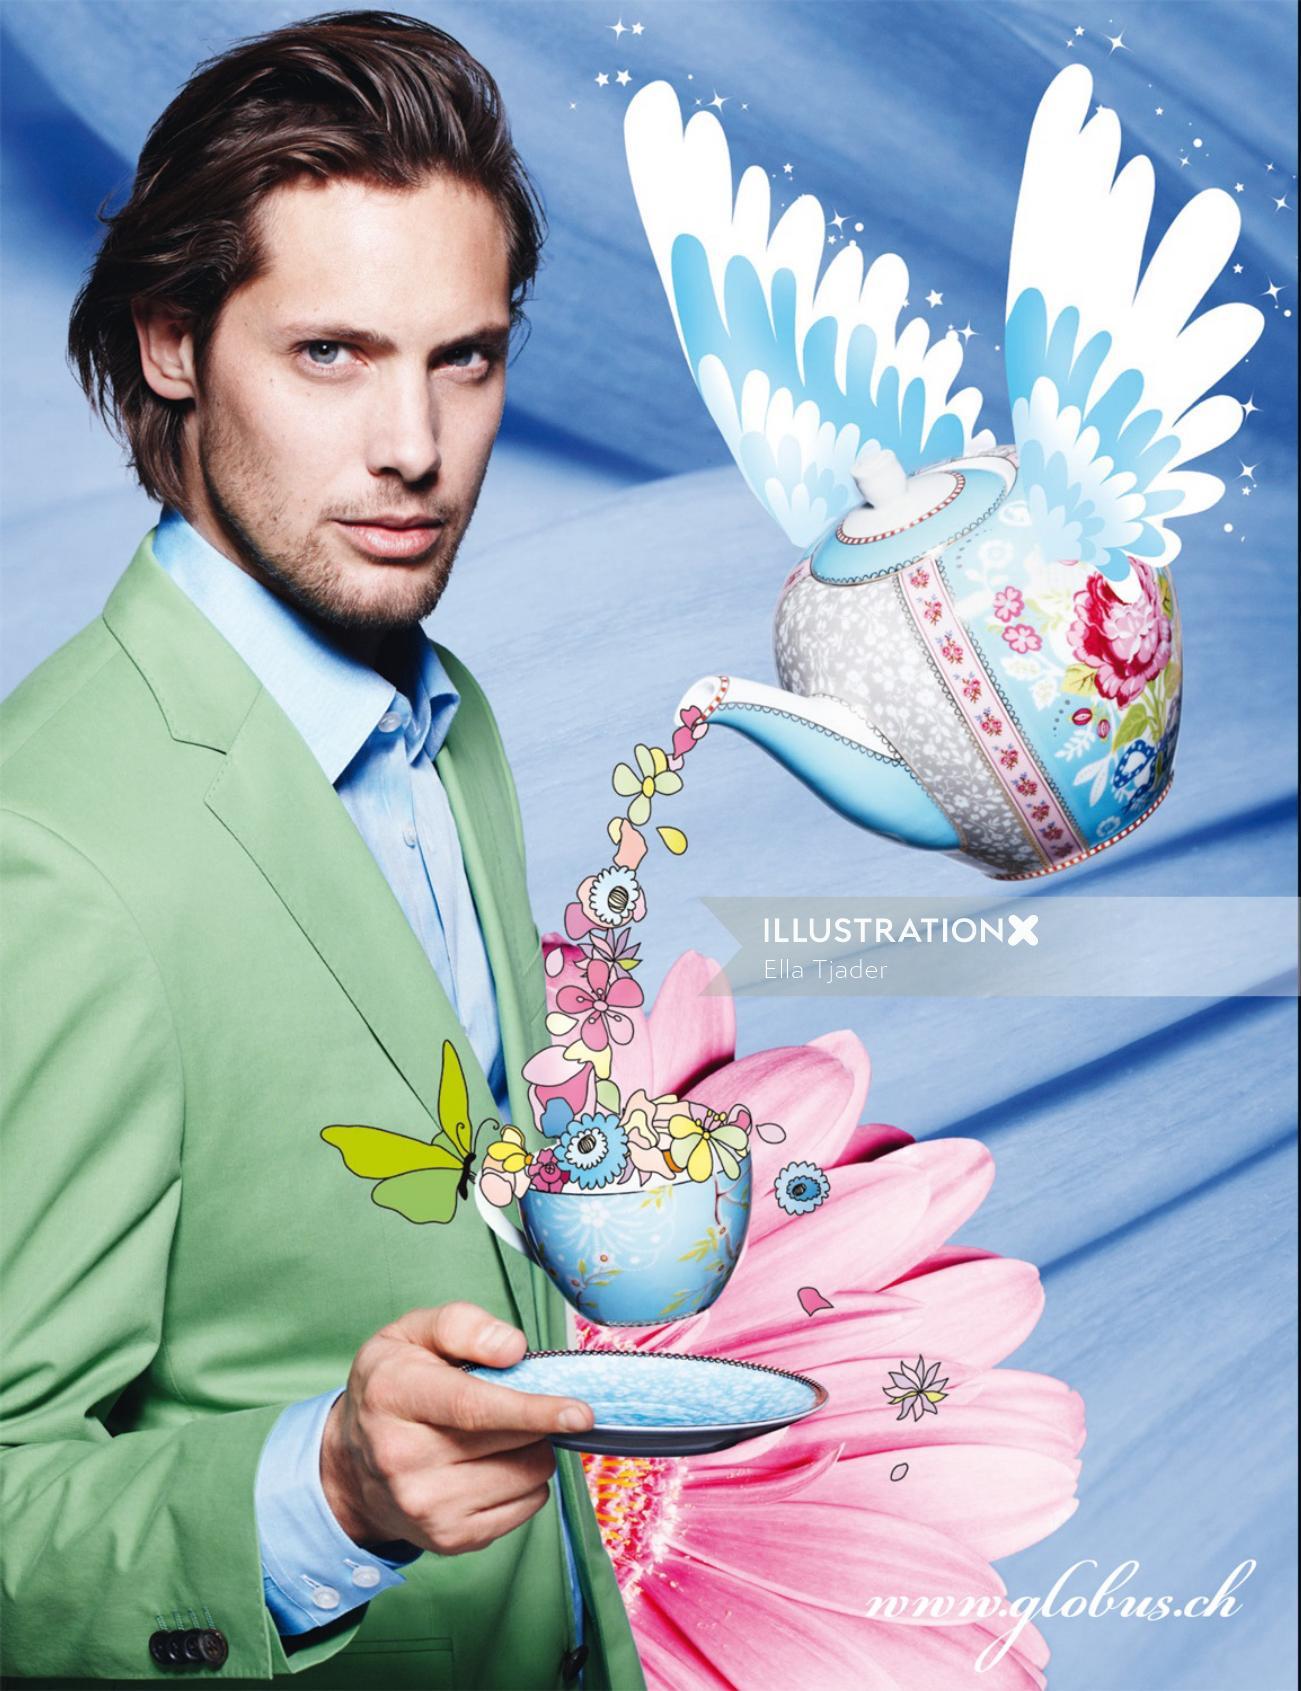 Illustration for wonderland spring fashion